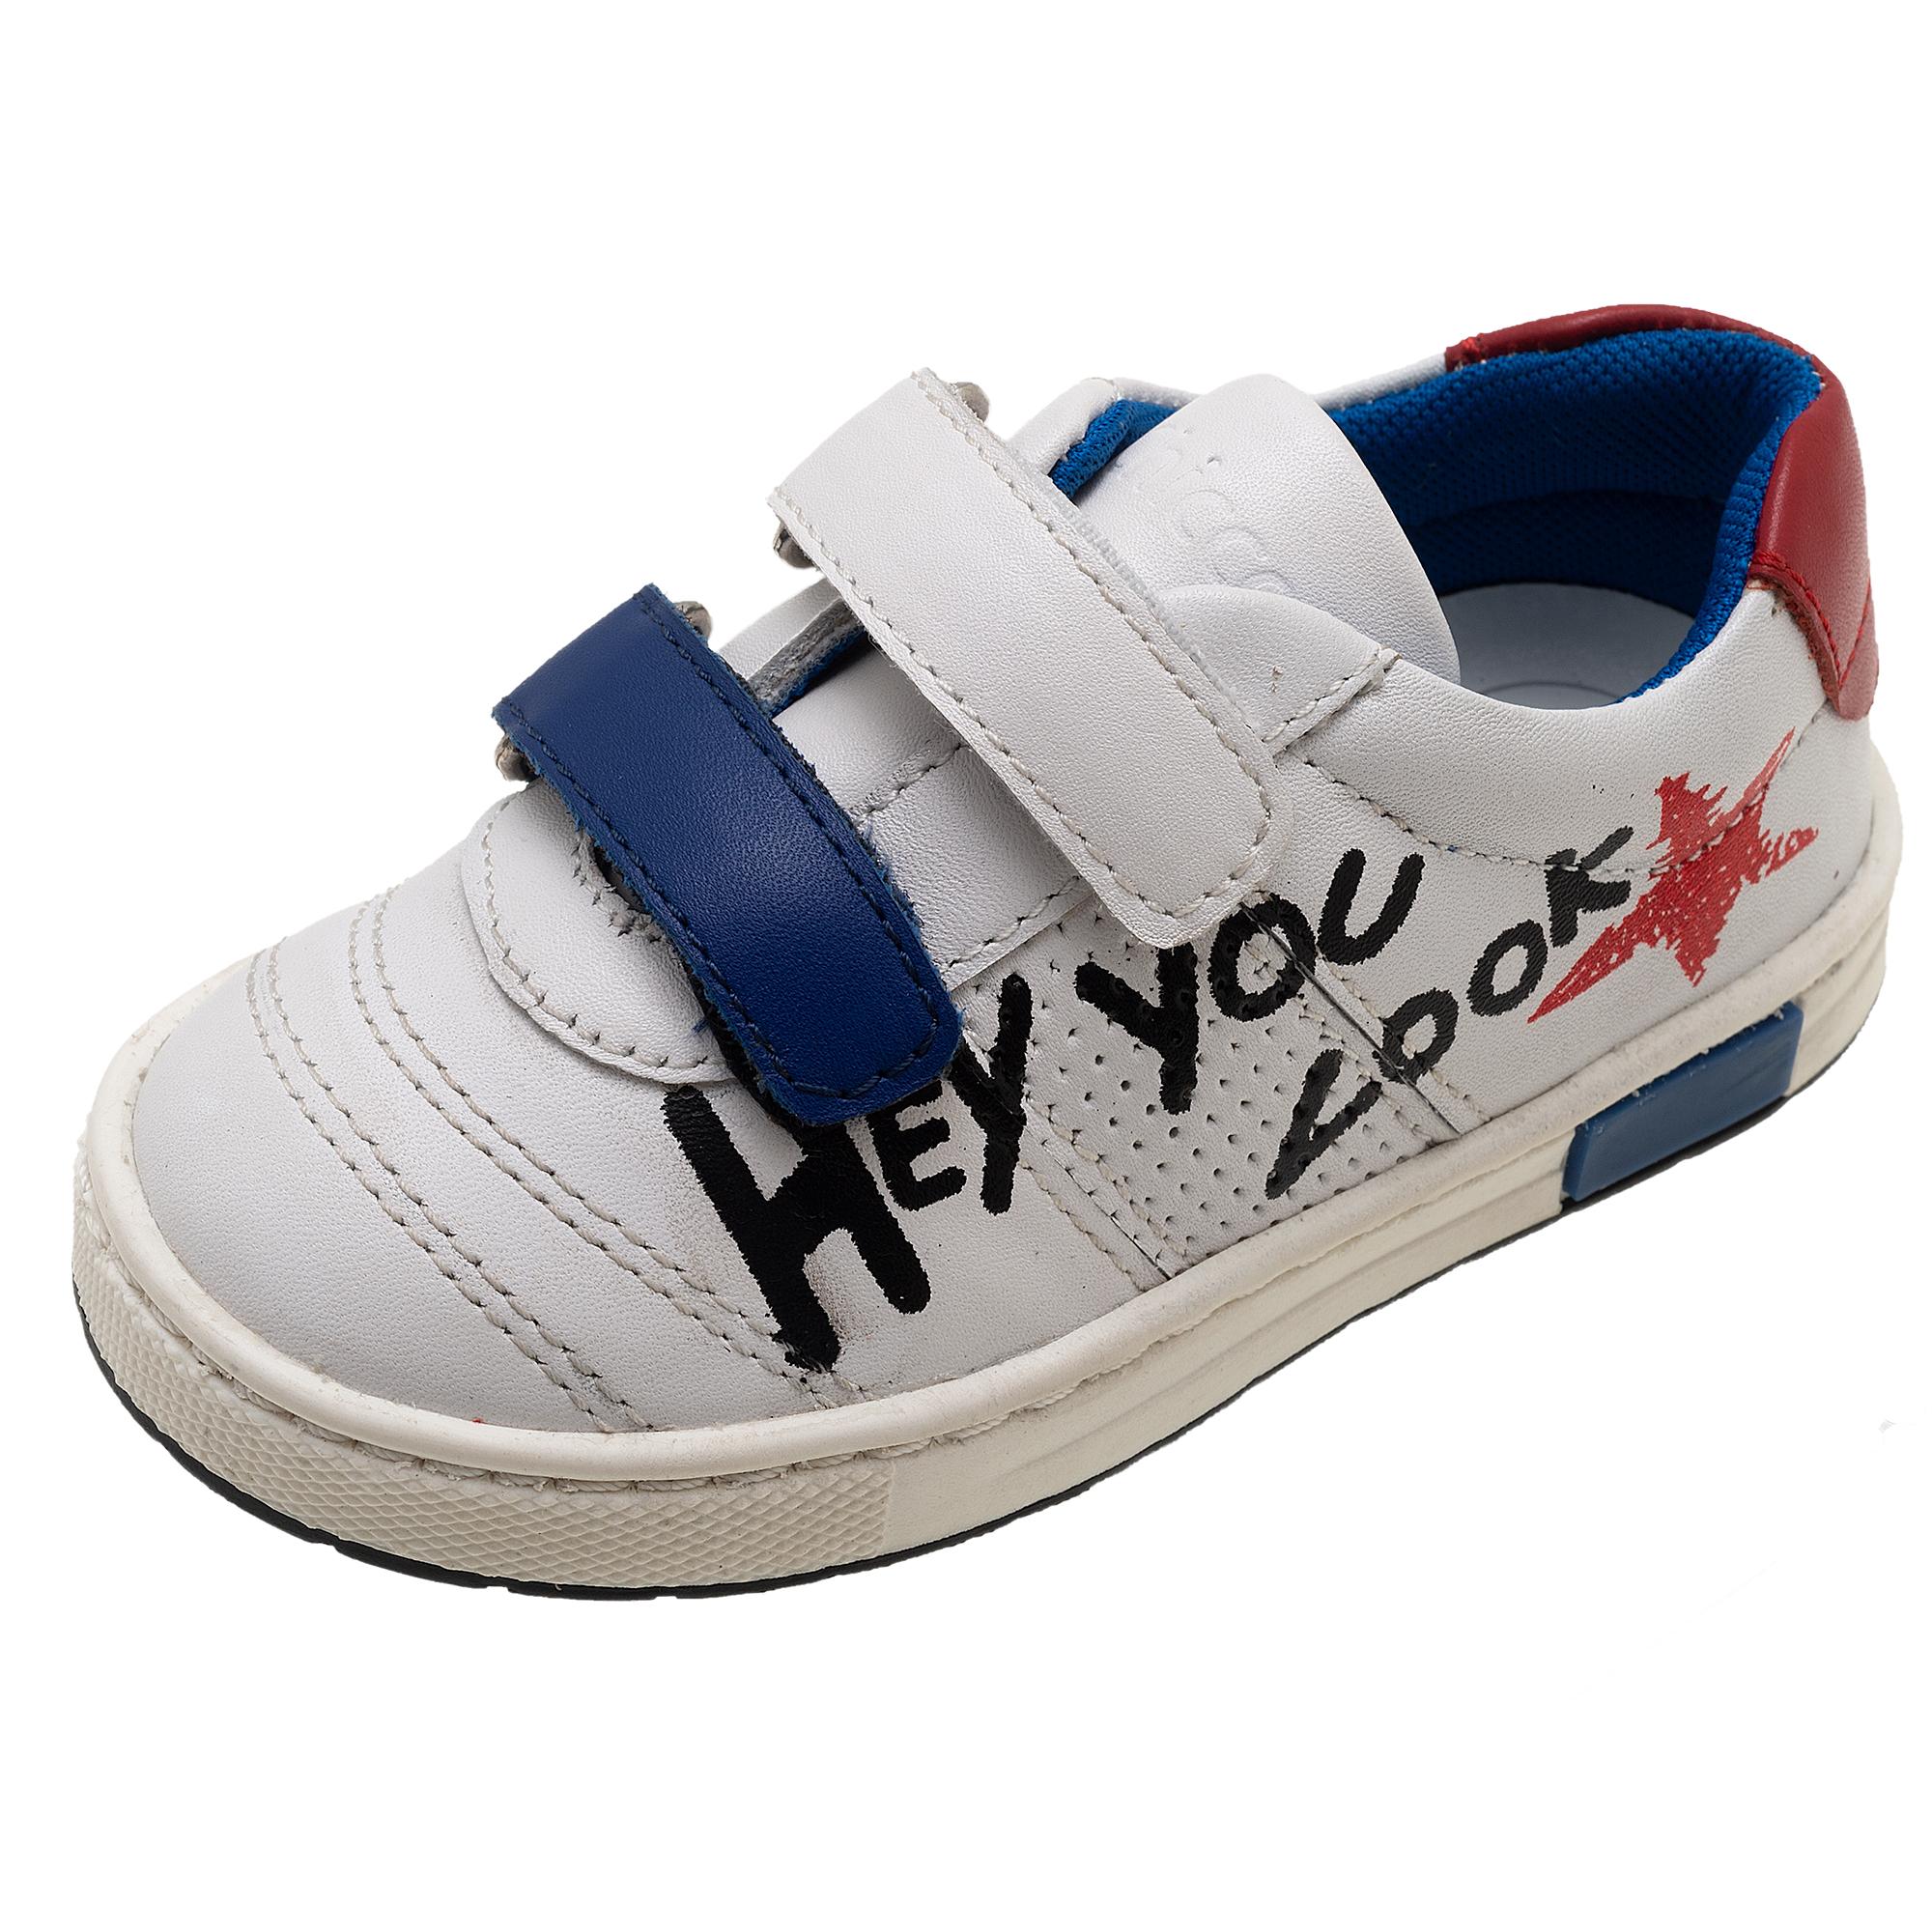 Pantofi sport Chicco Caster, piele naturala, alb, 61600